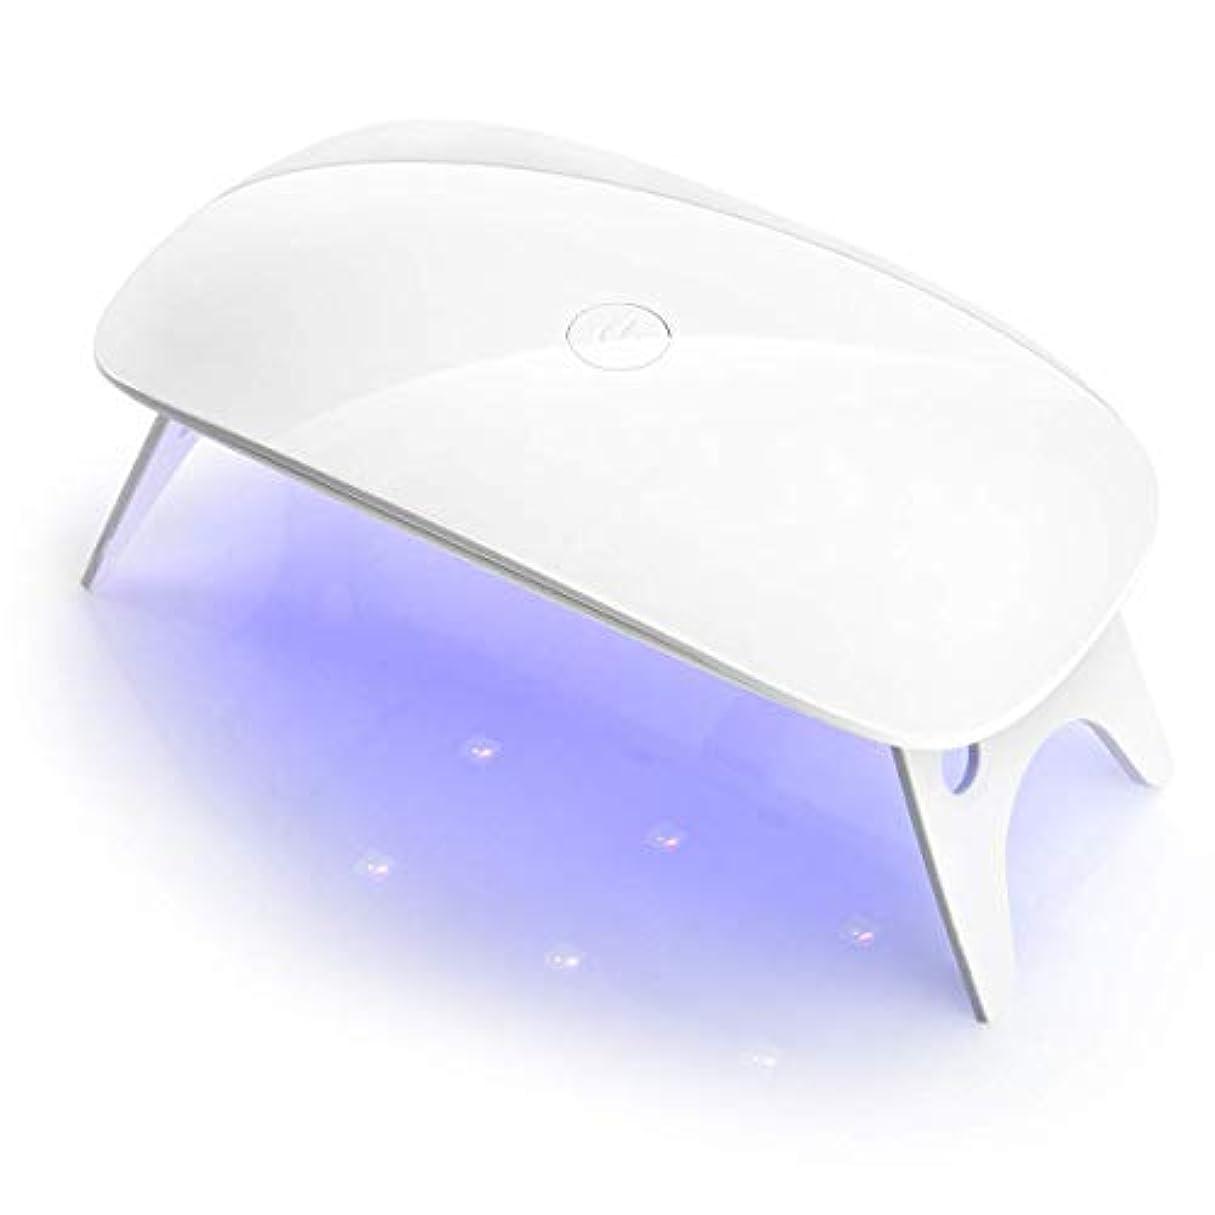 慣習回復突進タイマー設定可能ネイルドライヤー UVライト折りたたみ式手足とも使える 人感センサー式 LED 硬化ライト